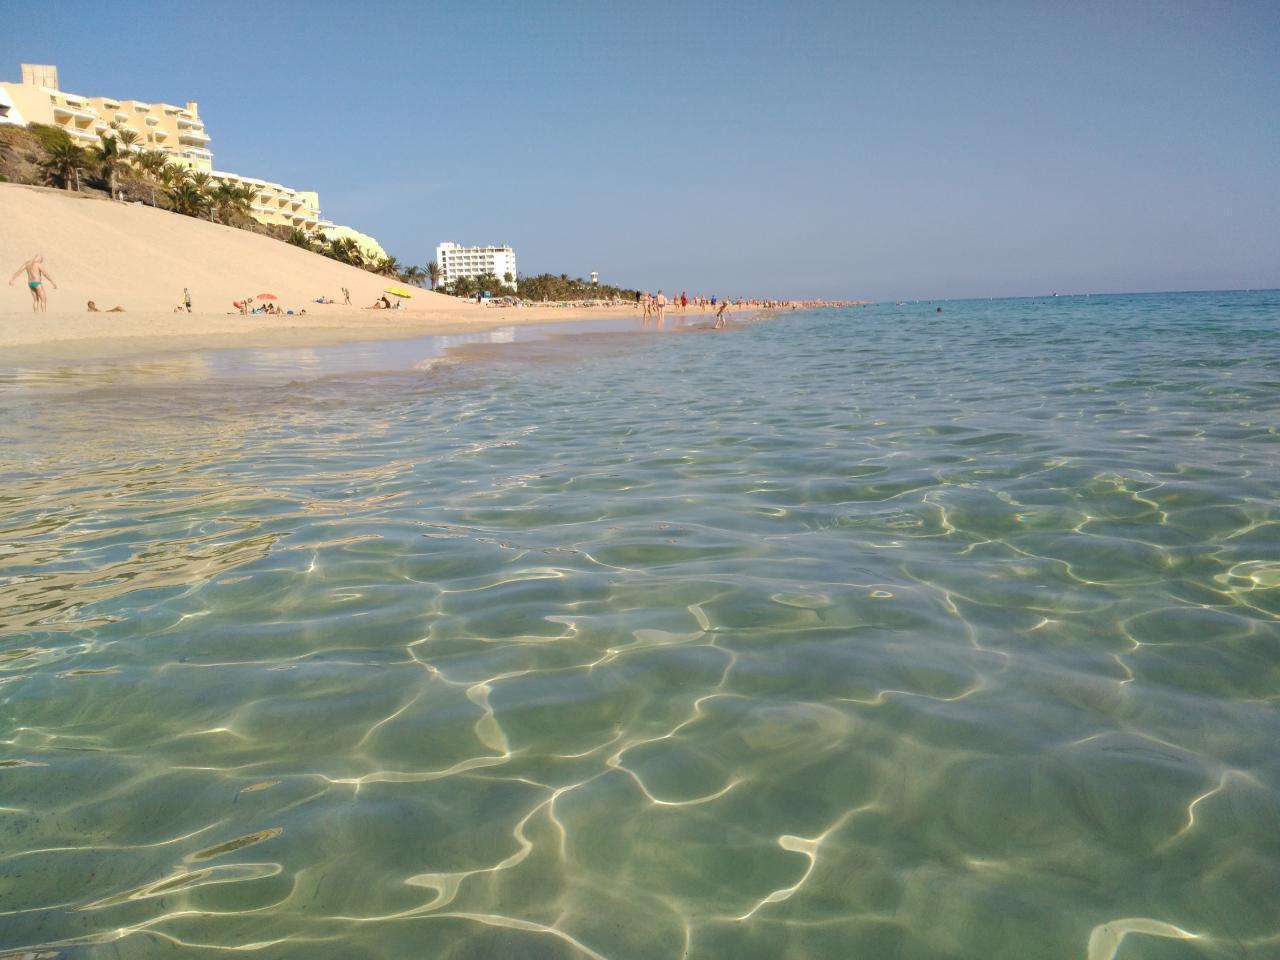 Ferienwohnung Apartment 2 / 4p am Strand und mit allen Dienstleistungen, mit Meerblick, Swimmingpools, a (487787), Morro Jable, Fuerteventura, Kanarische Inseln, Spanien, Bild 21